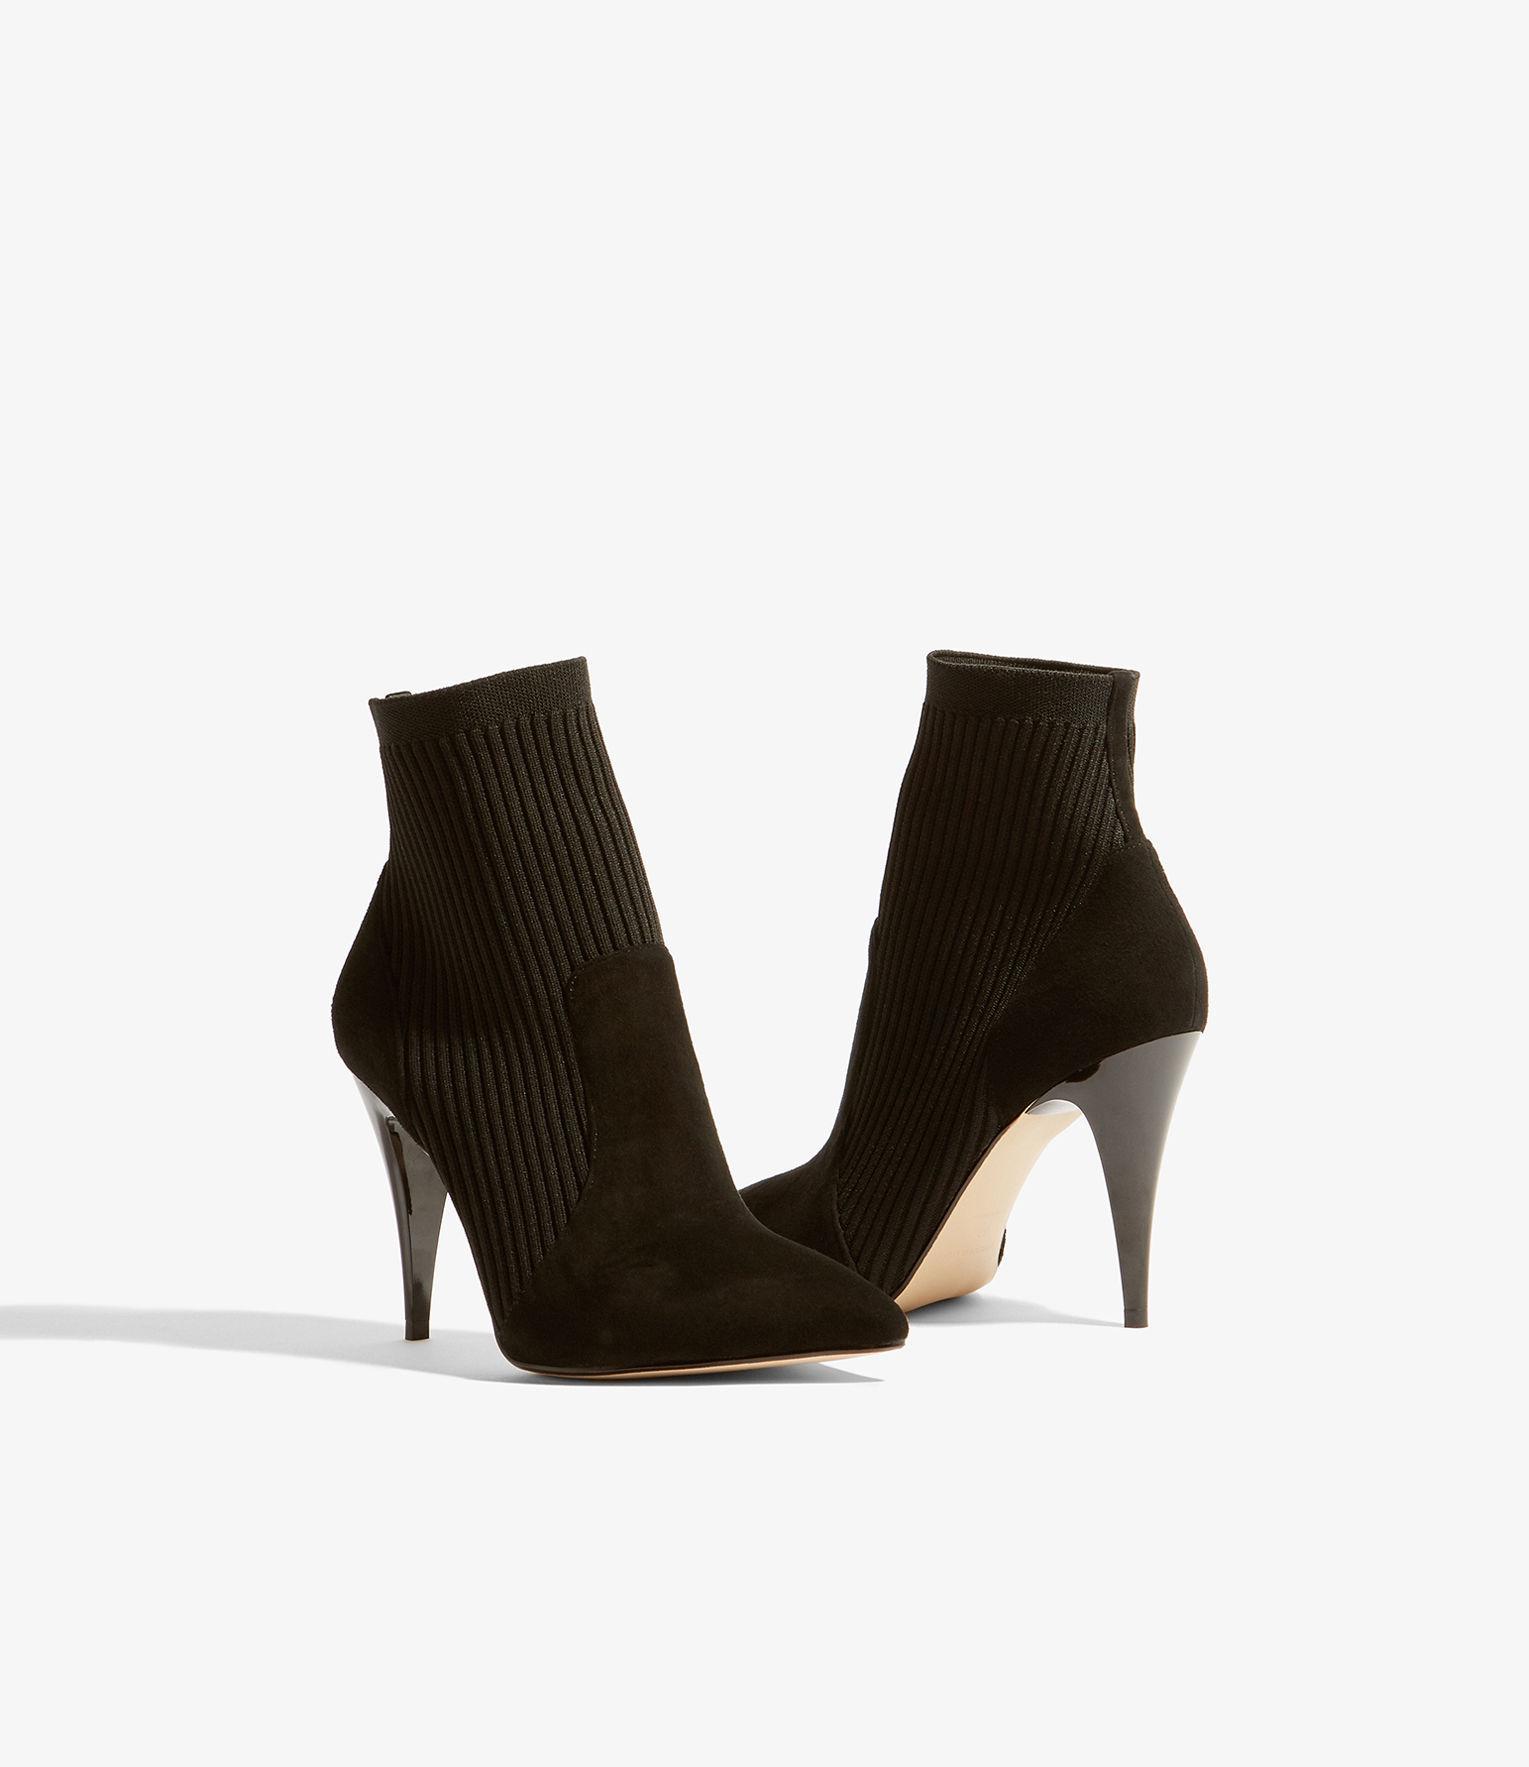 444513584f8b Karen Millen - Black Knitted Stretch Boot - Lyst. View fullscreen